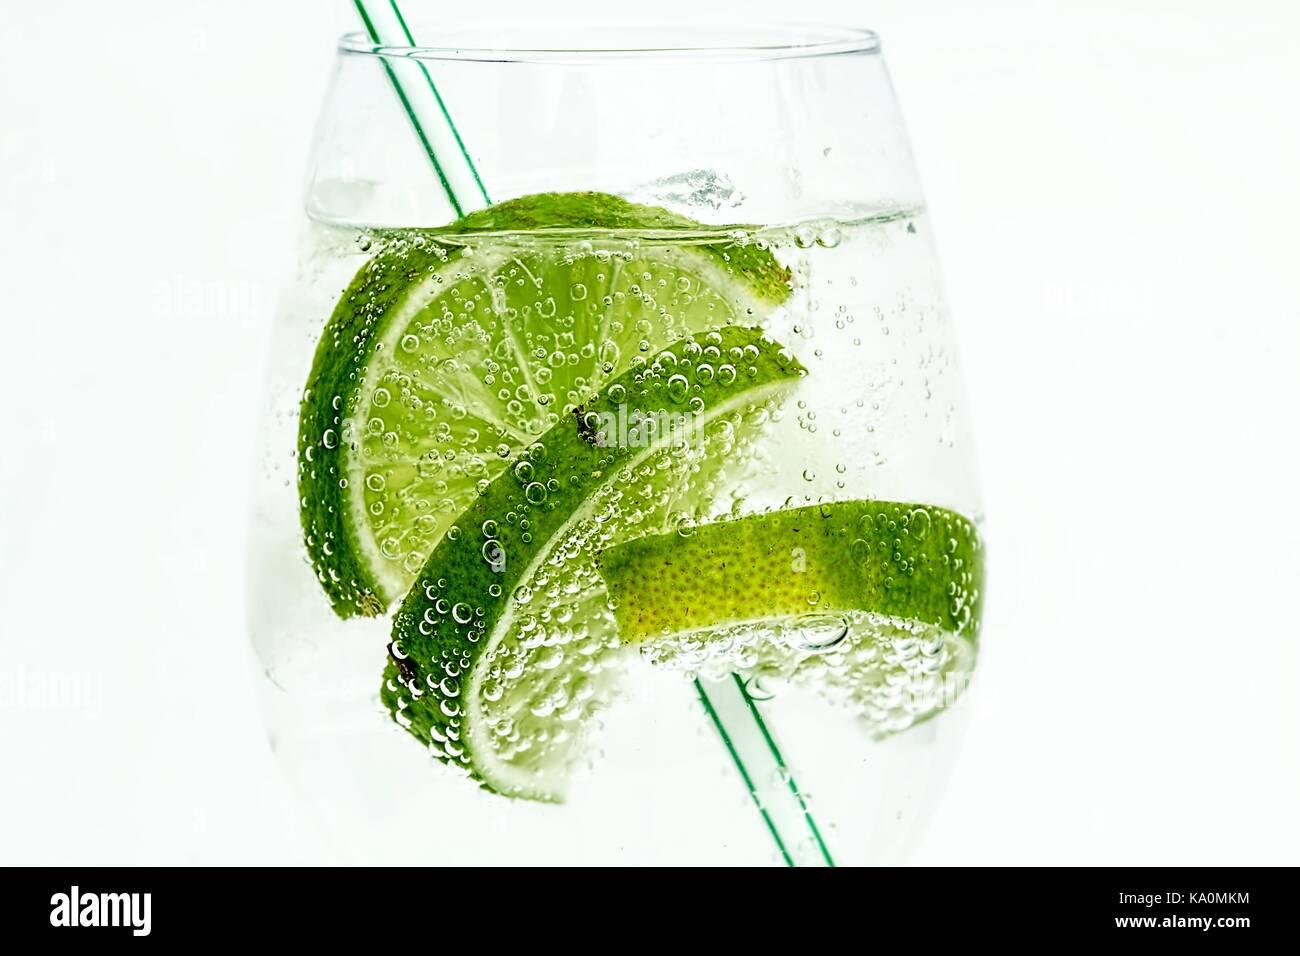 Rodajas de limón en agua gaseosa Imagen De Stock